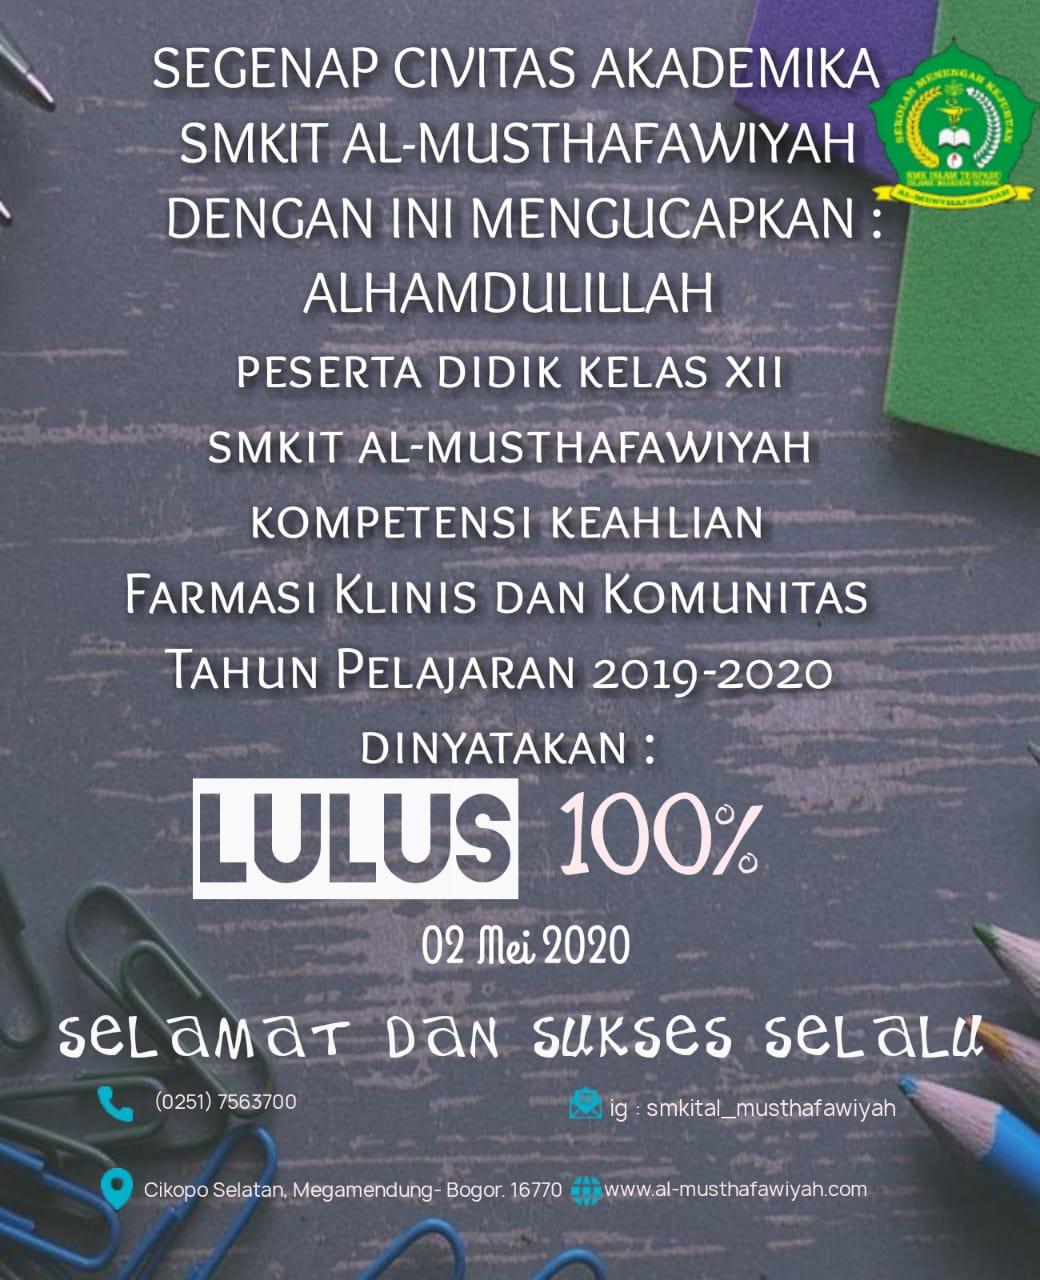 Pengumuman Kelulusan Siswa/i SMKIT Al-Musthafawiyah Tahun Ajaran 2019/2020